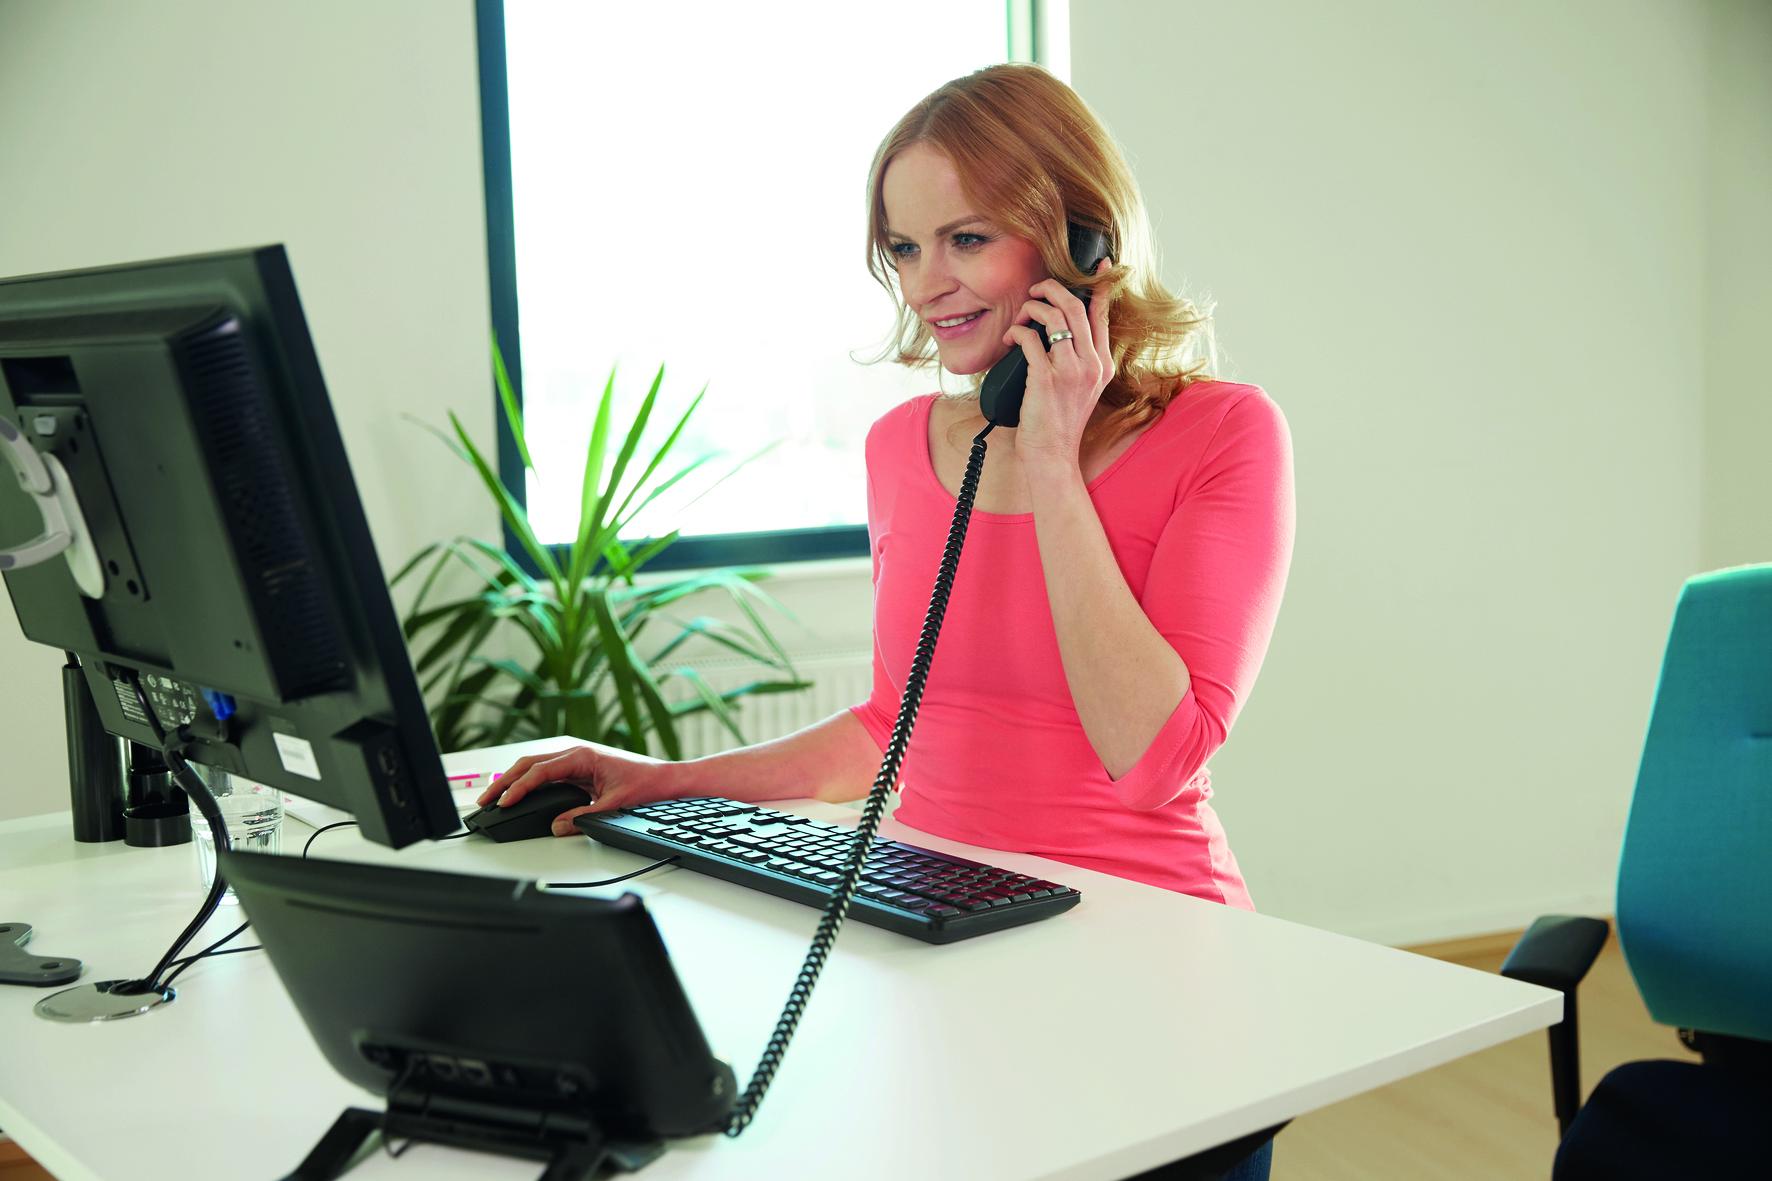 Frau im pinken T-Shirt sitzt vor dem PC und telefoniert. (Was bei Verspannungen hilft)